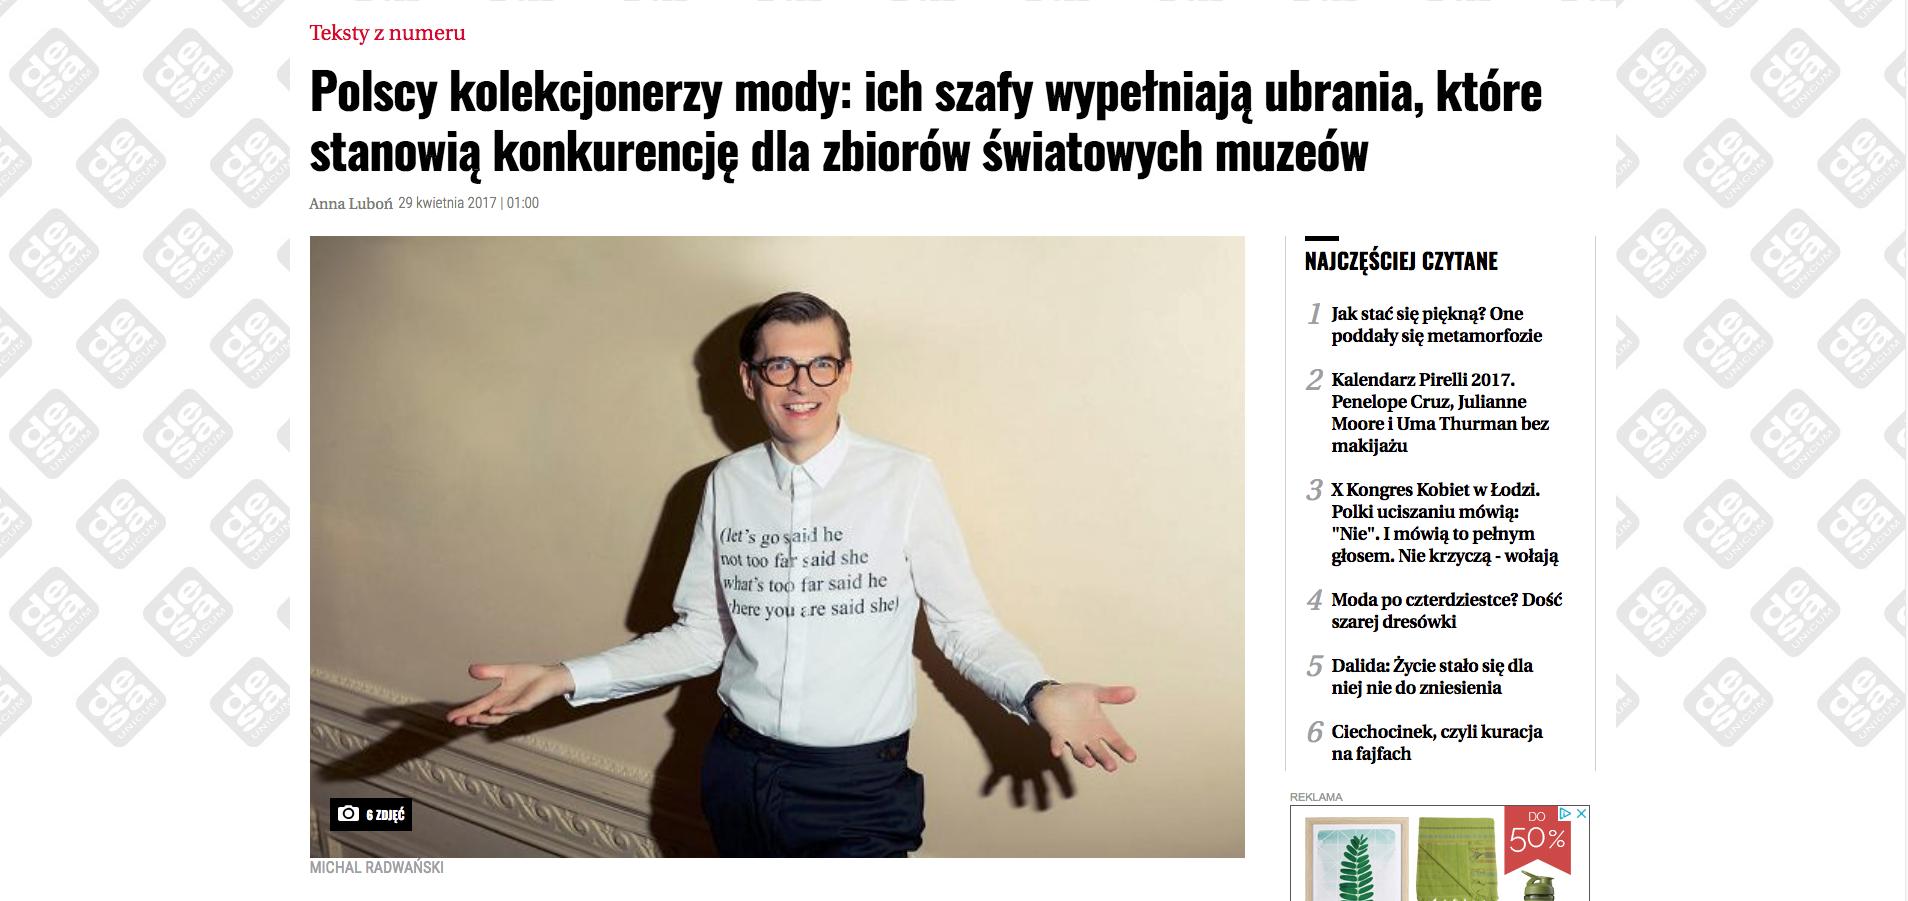 WYSOKIE OBCASY - LINK: